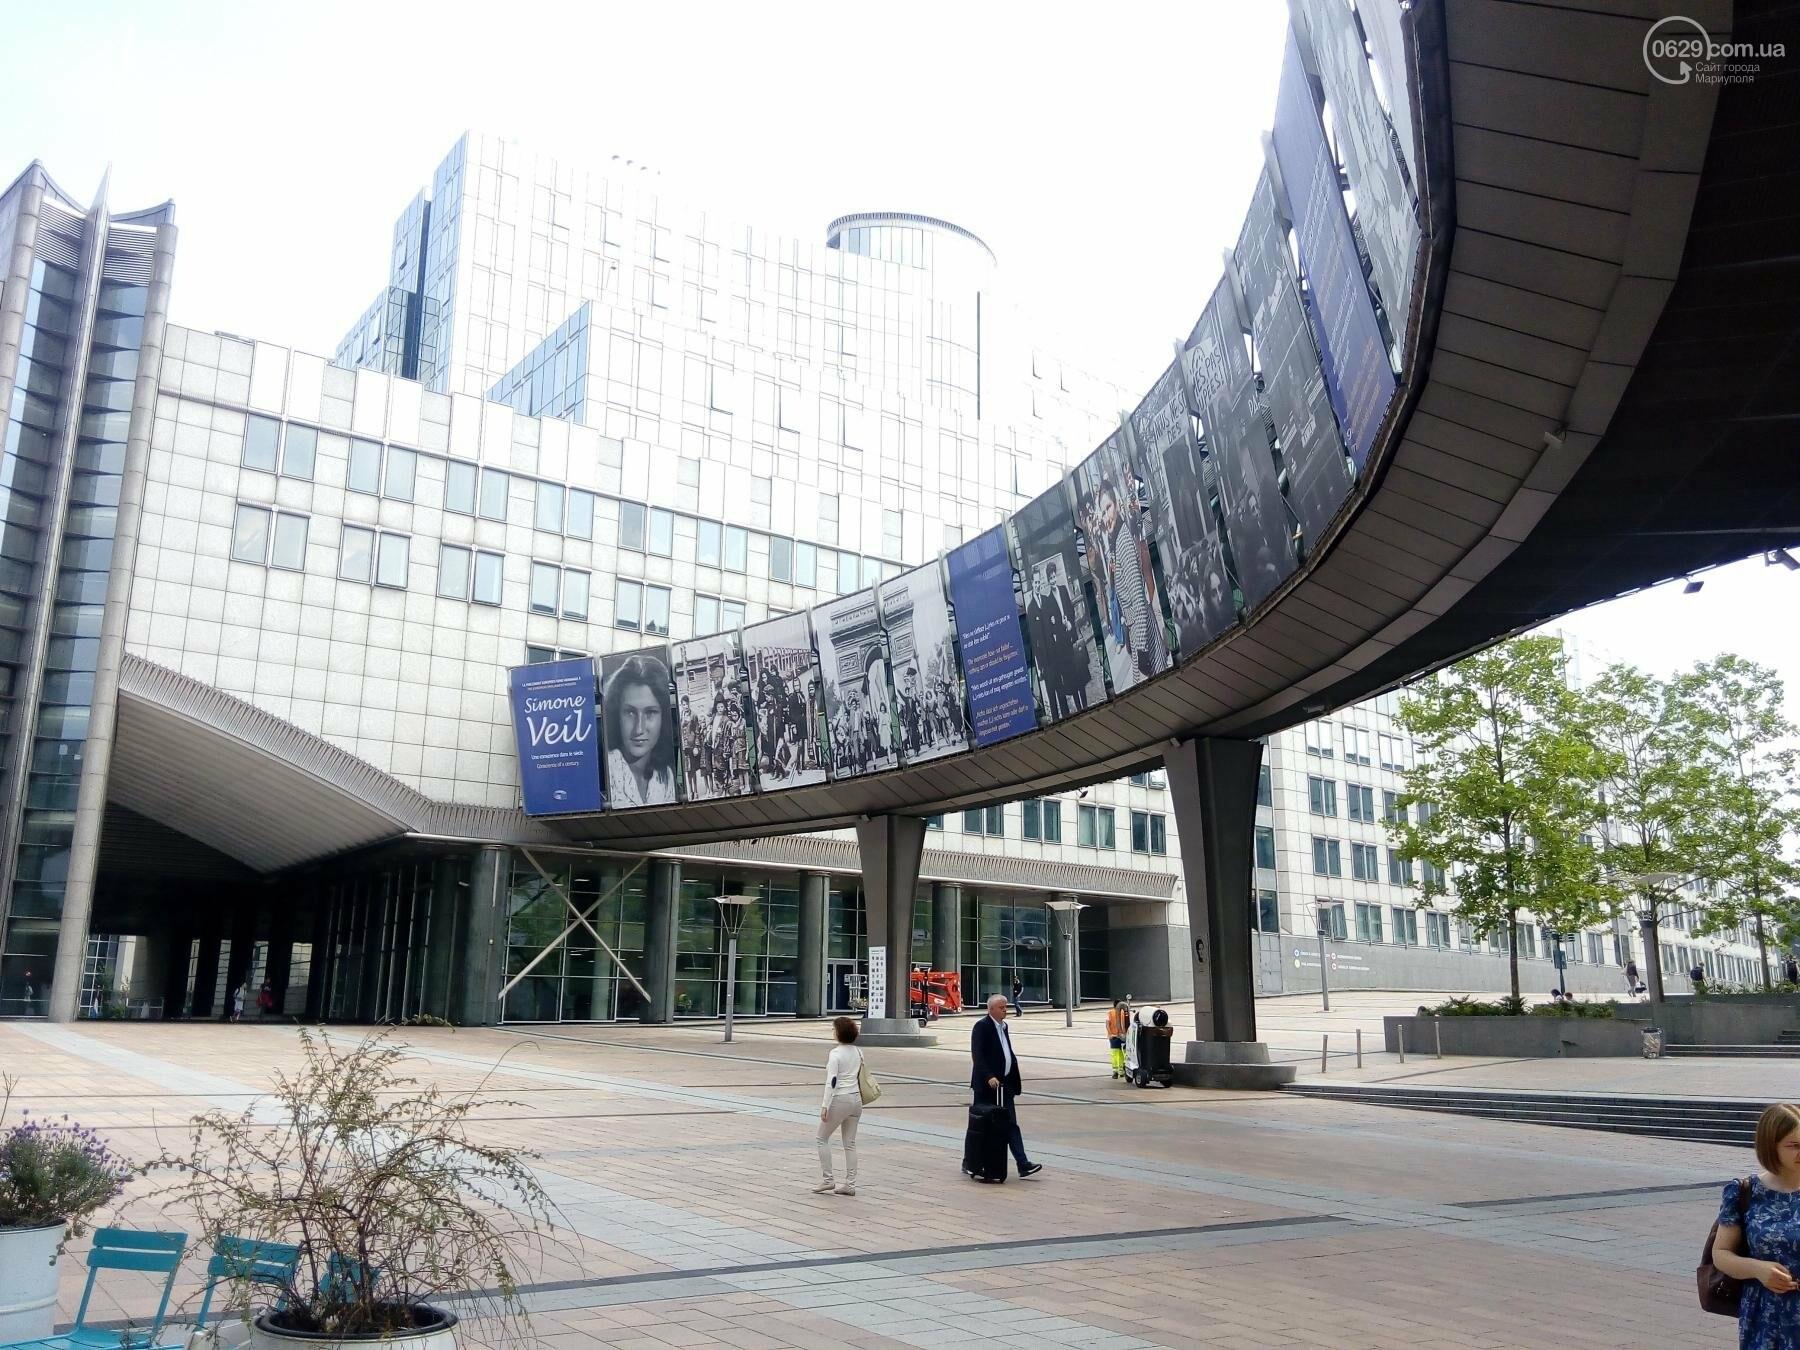 Город шоколада, пива и тотальной толерантности: что посмотреть в Брюсселе, и сколько это стоит, - ФОТО, фото-39